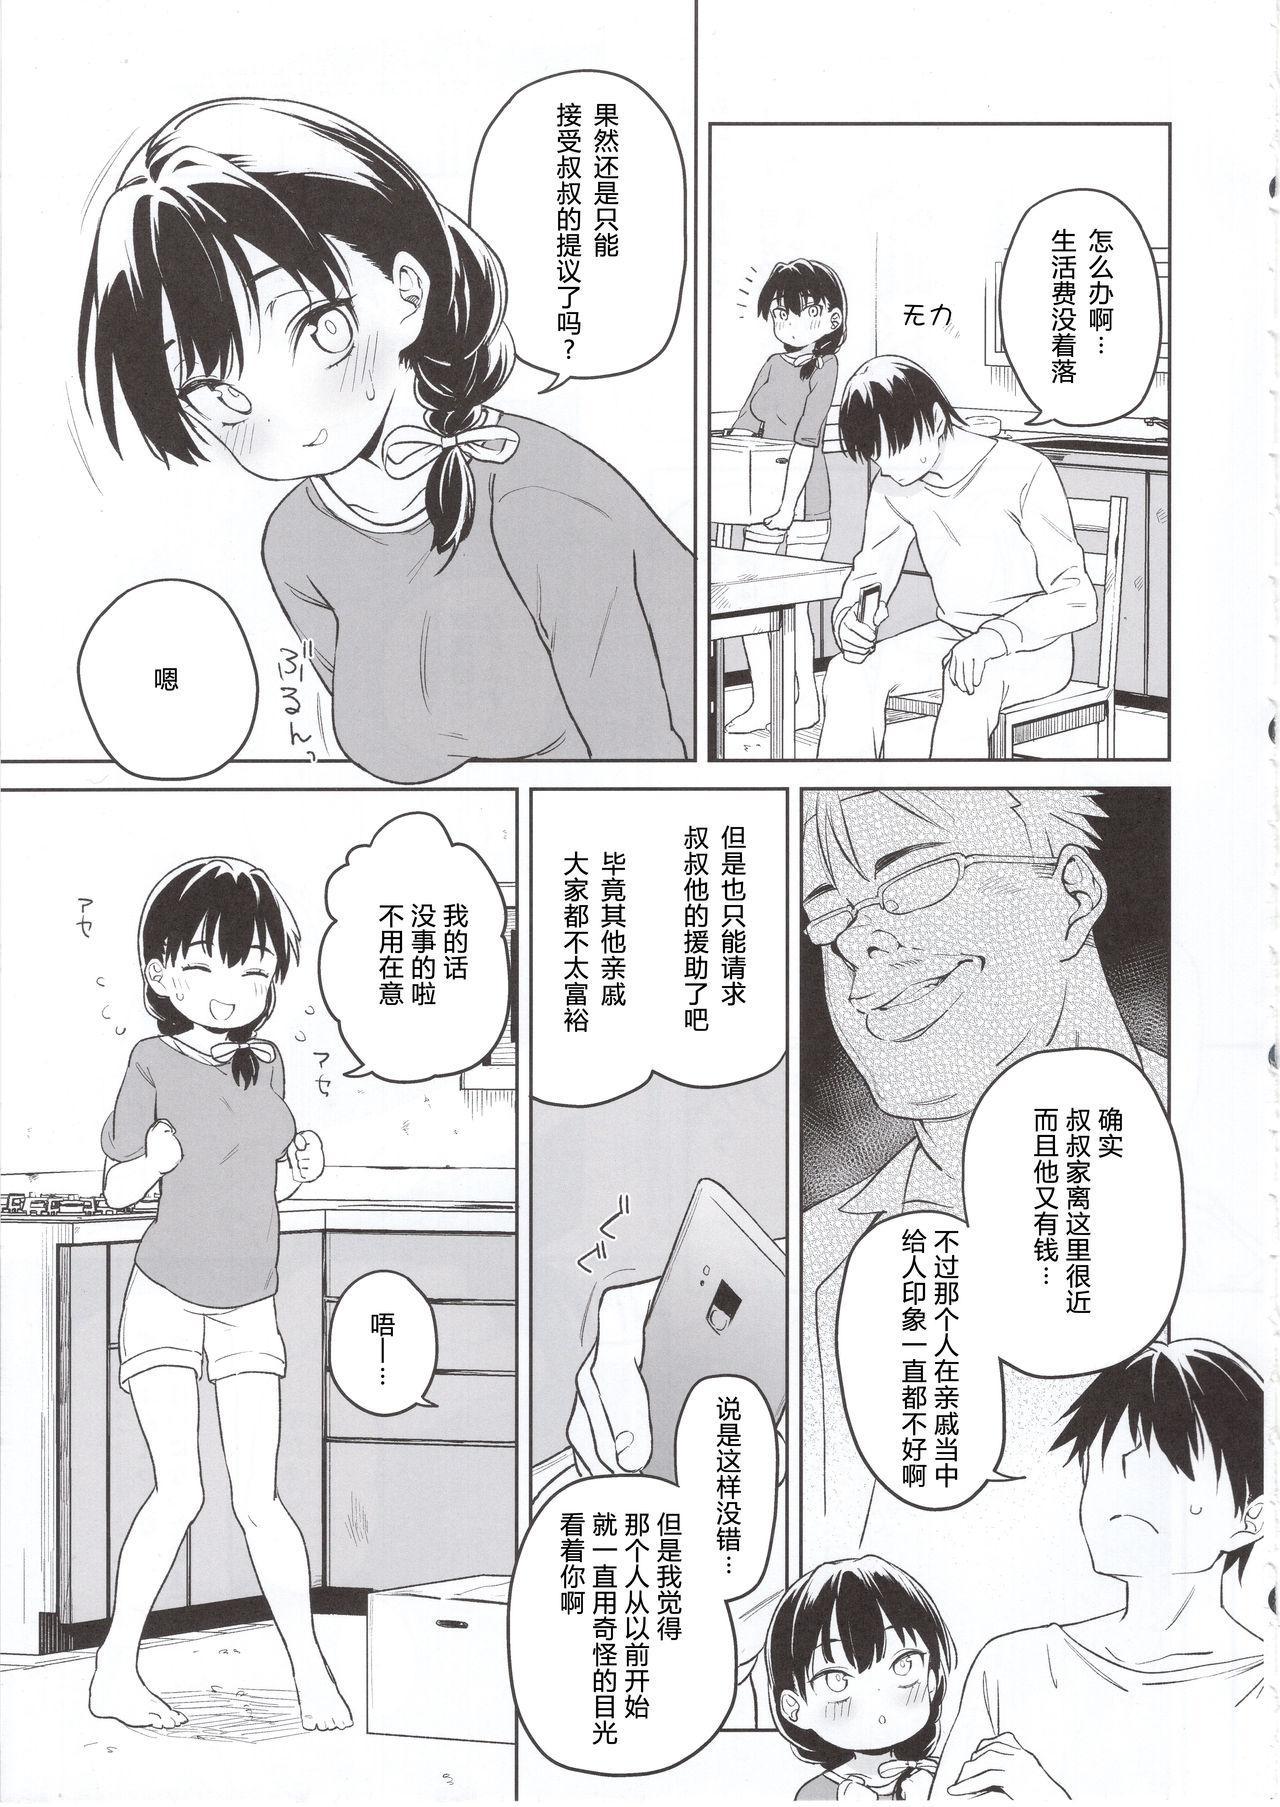 """Ore no Imouto ga Oji-san no """"Onaho"""" ni Naru to Iidashita!!   我的妹妹说要成为叔父的「花嫁」飞机杯!! 4"""